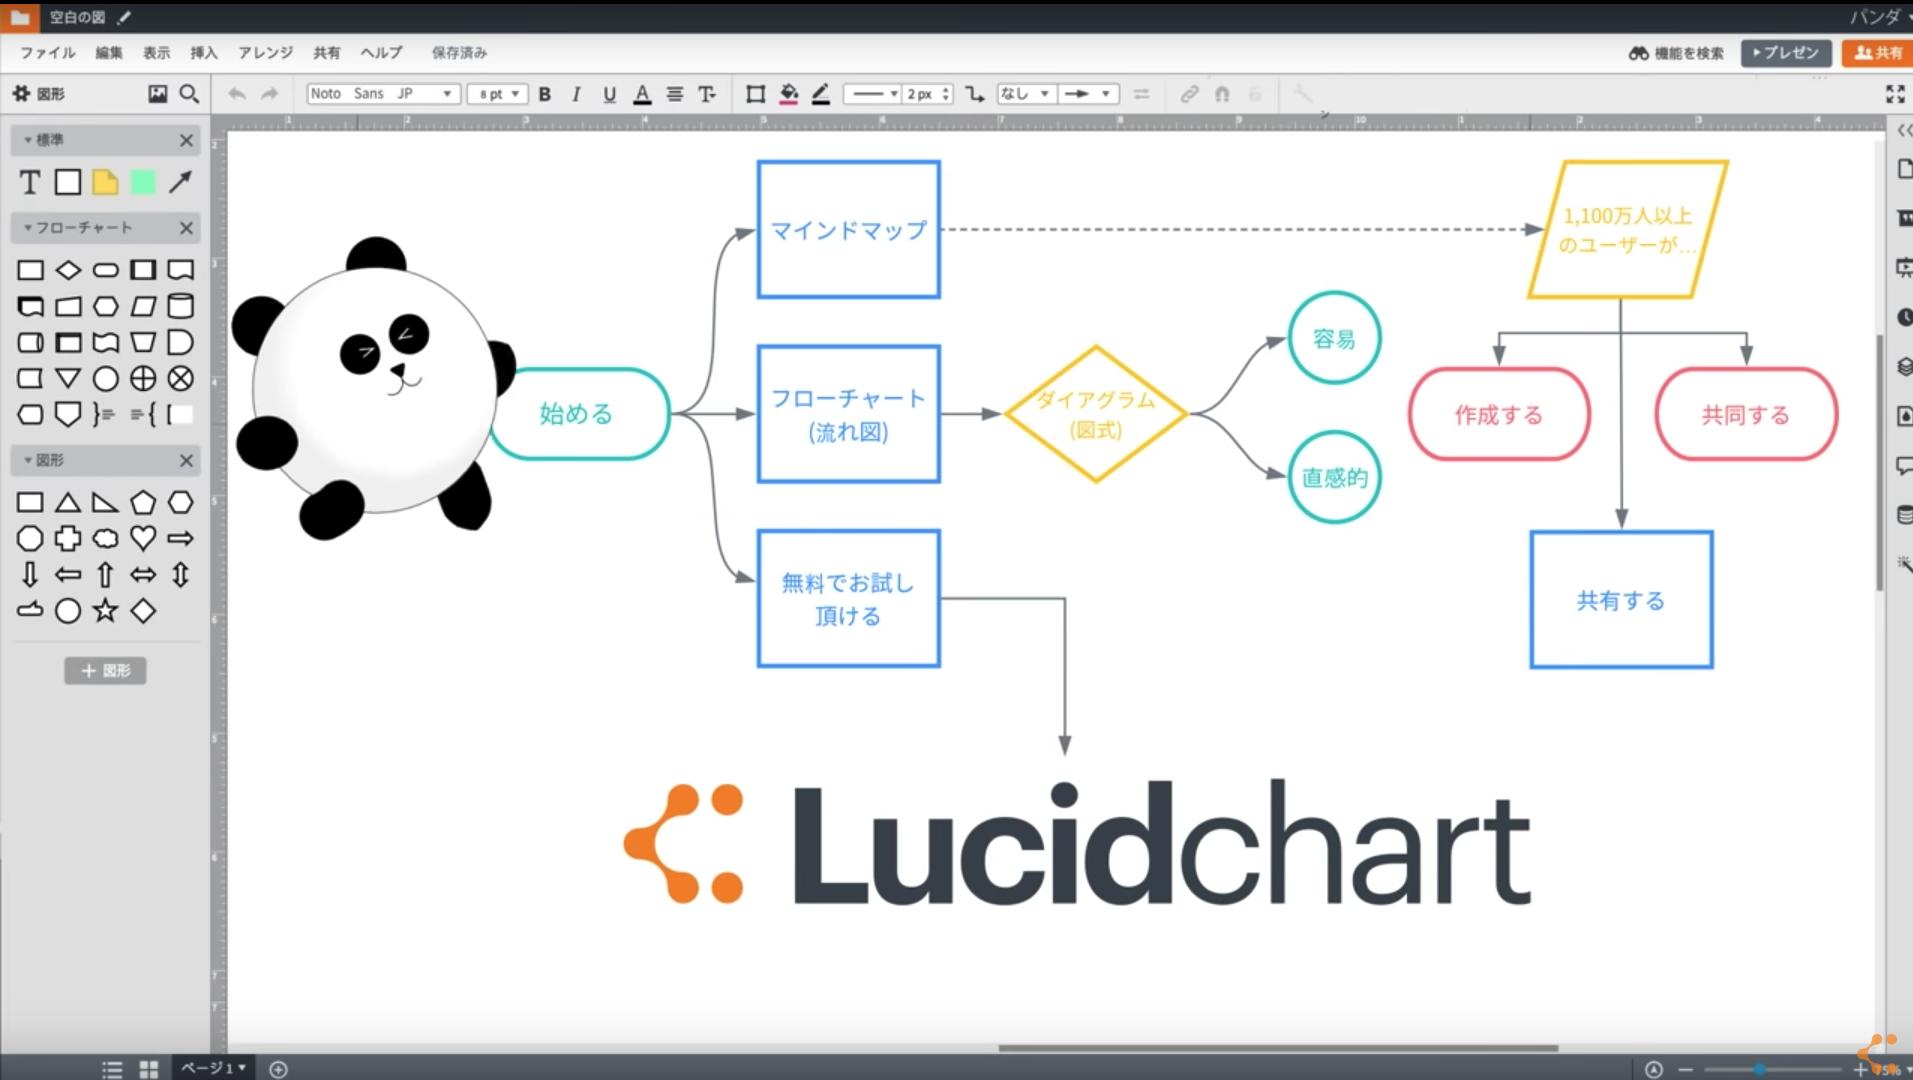 Lucidchart 家系図作成ツールを使用する方法